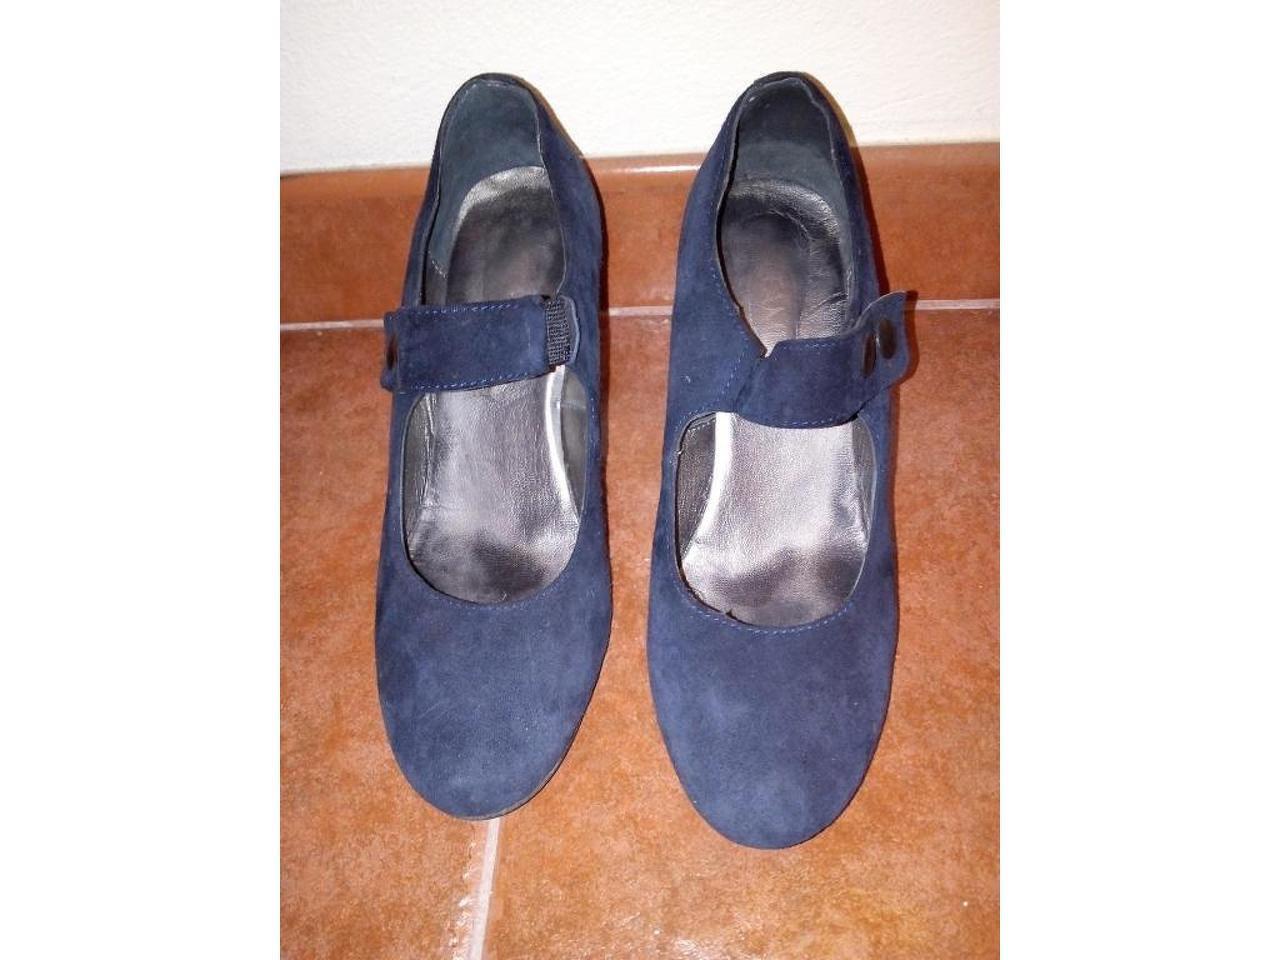 Sapatos de camurça azul escuro, nº39 - 2/5